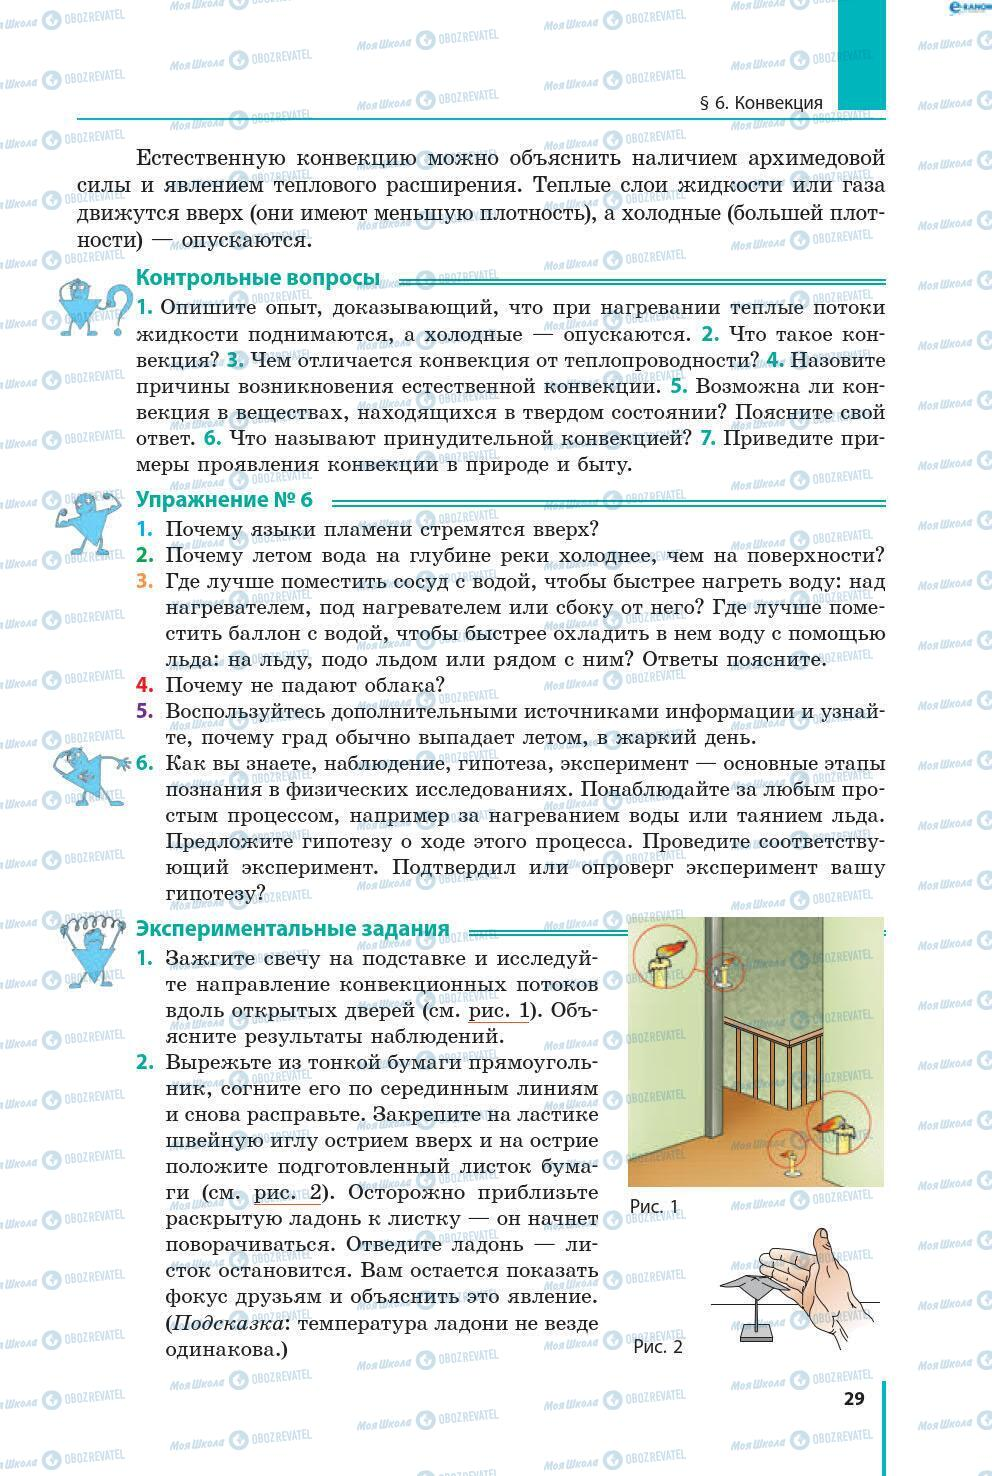 Підручники Фізика 8 клас сторінка 29